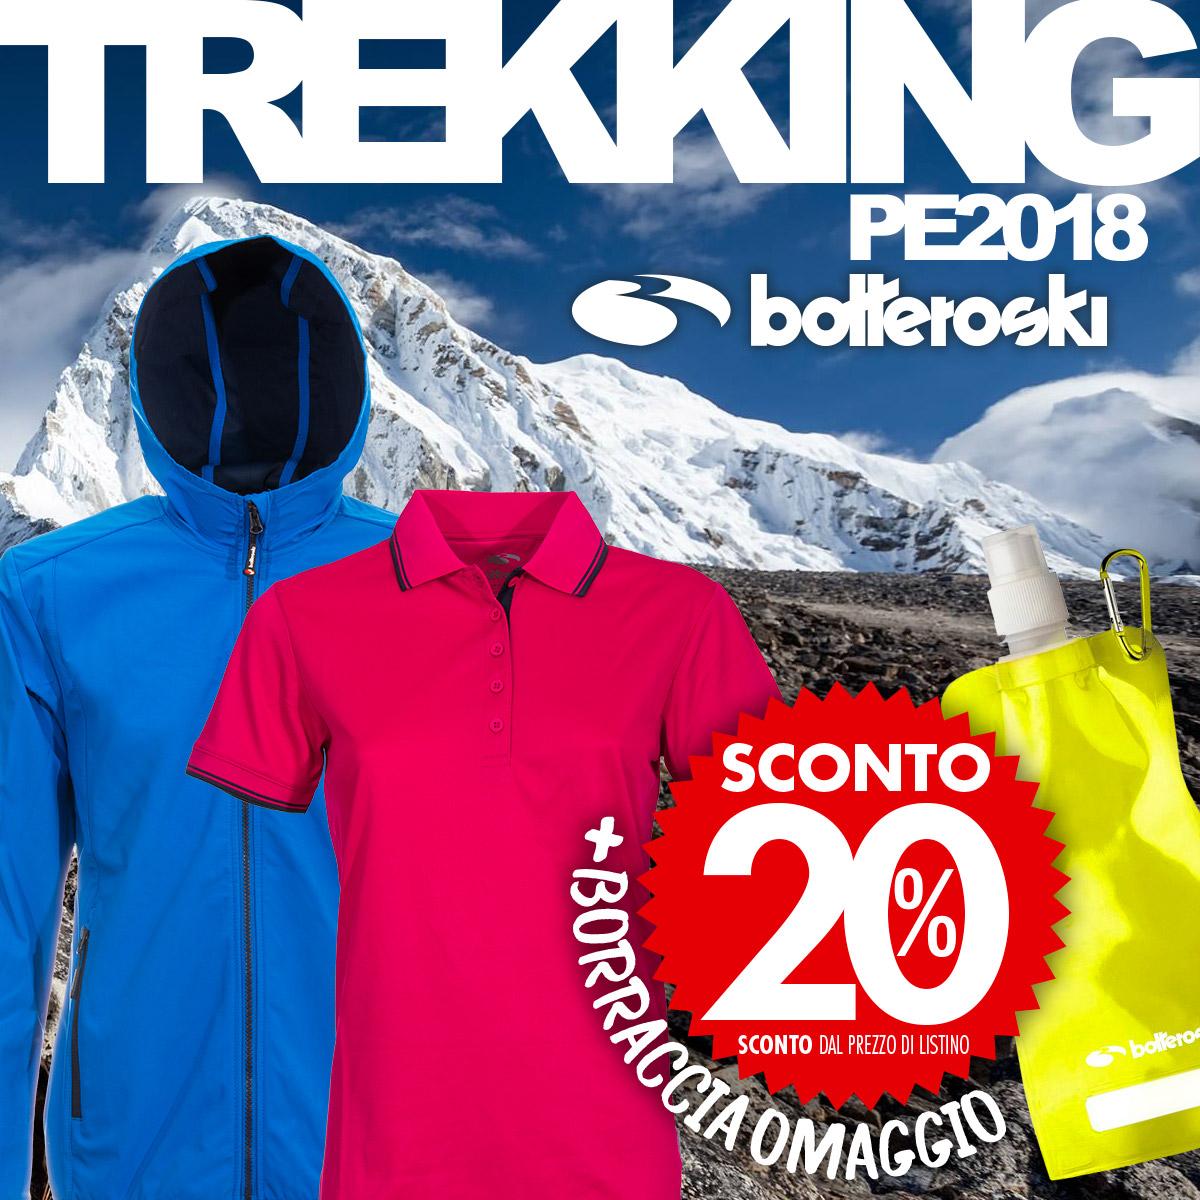 Promo TREKKING BOTTEROSKI Sconto 20